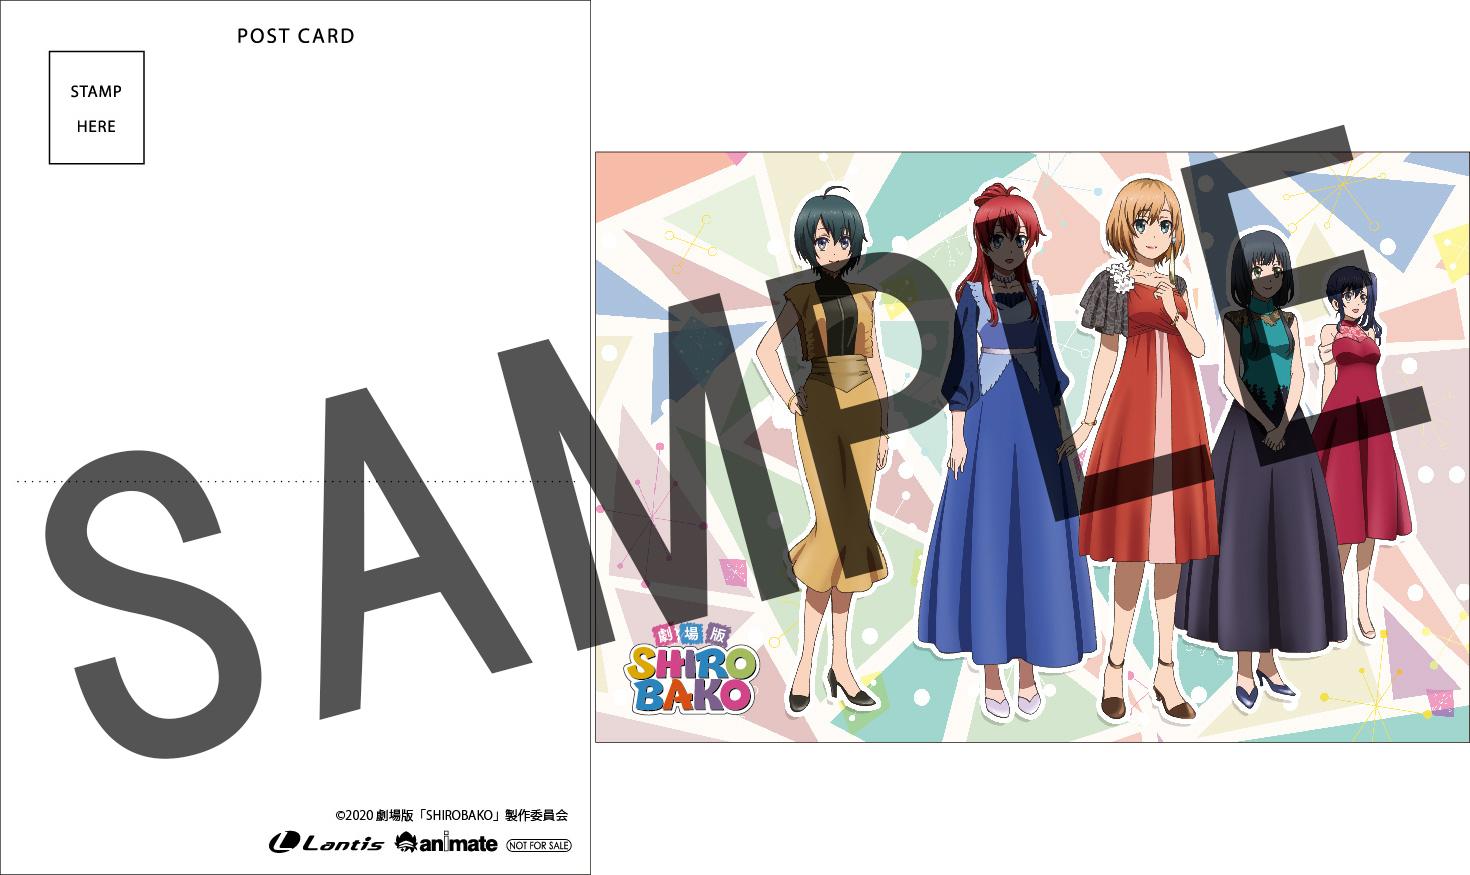 アニメイト特典 ポストカード (C)2020 劇場版「SHIROBAKO」製作委員会